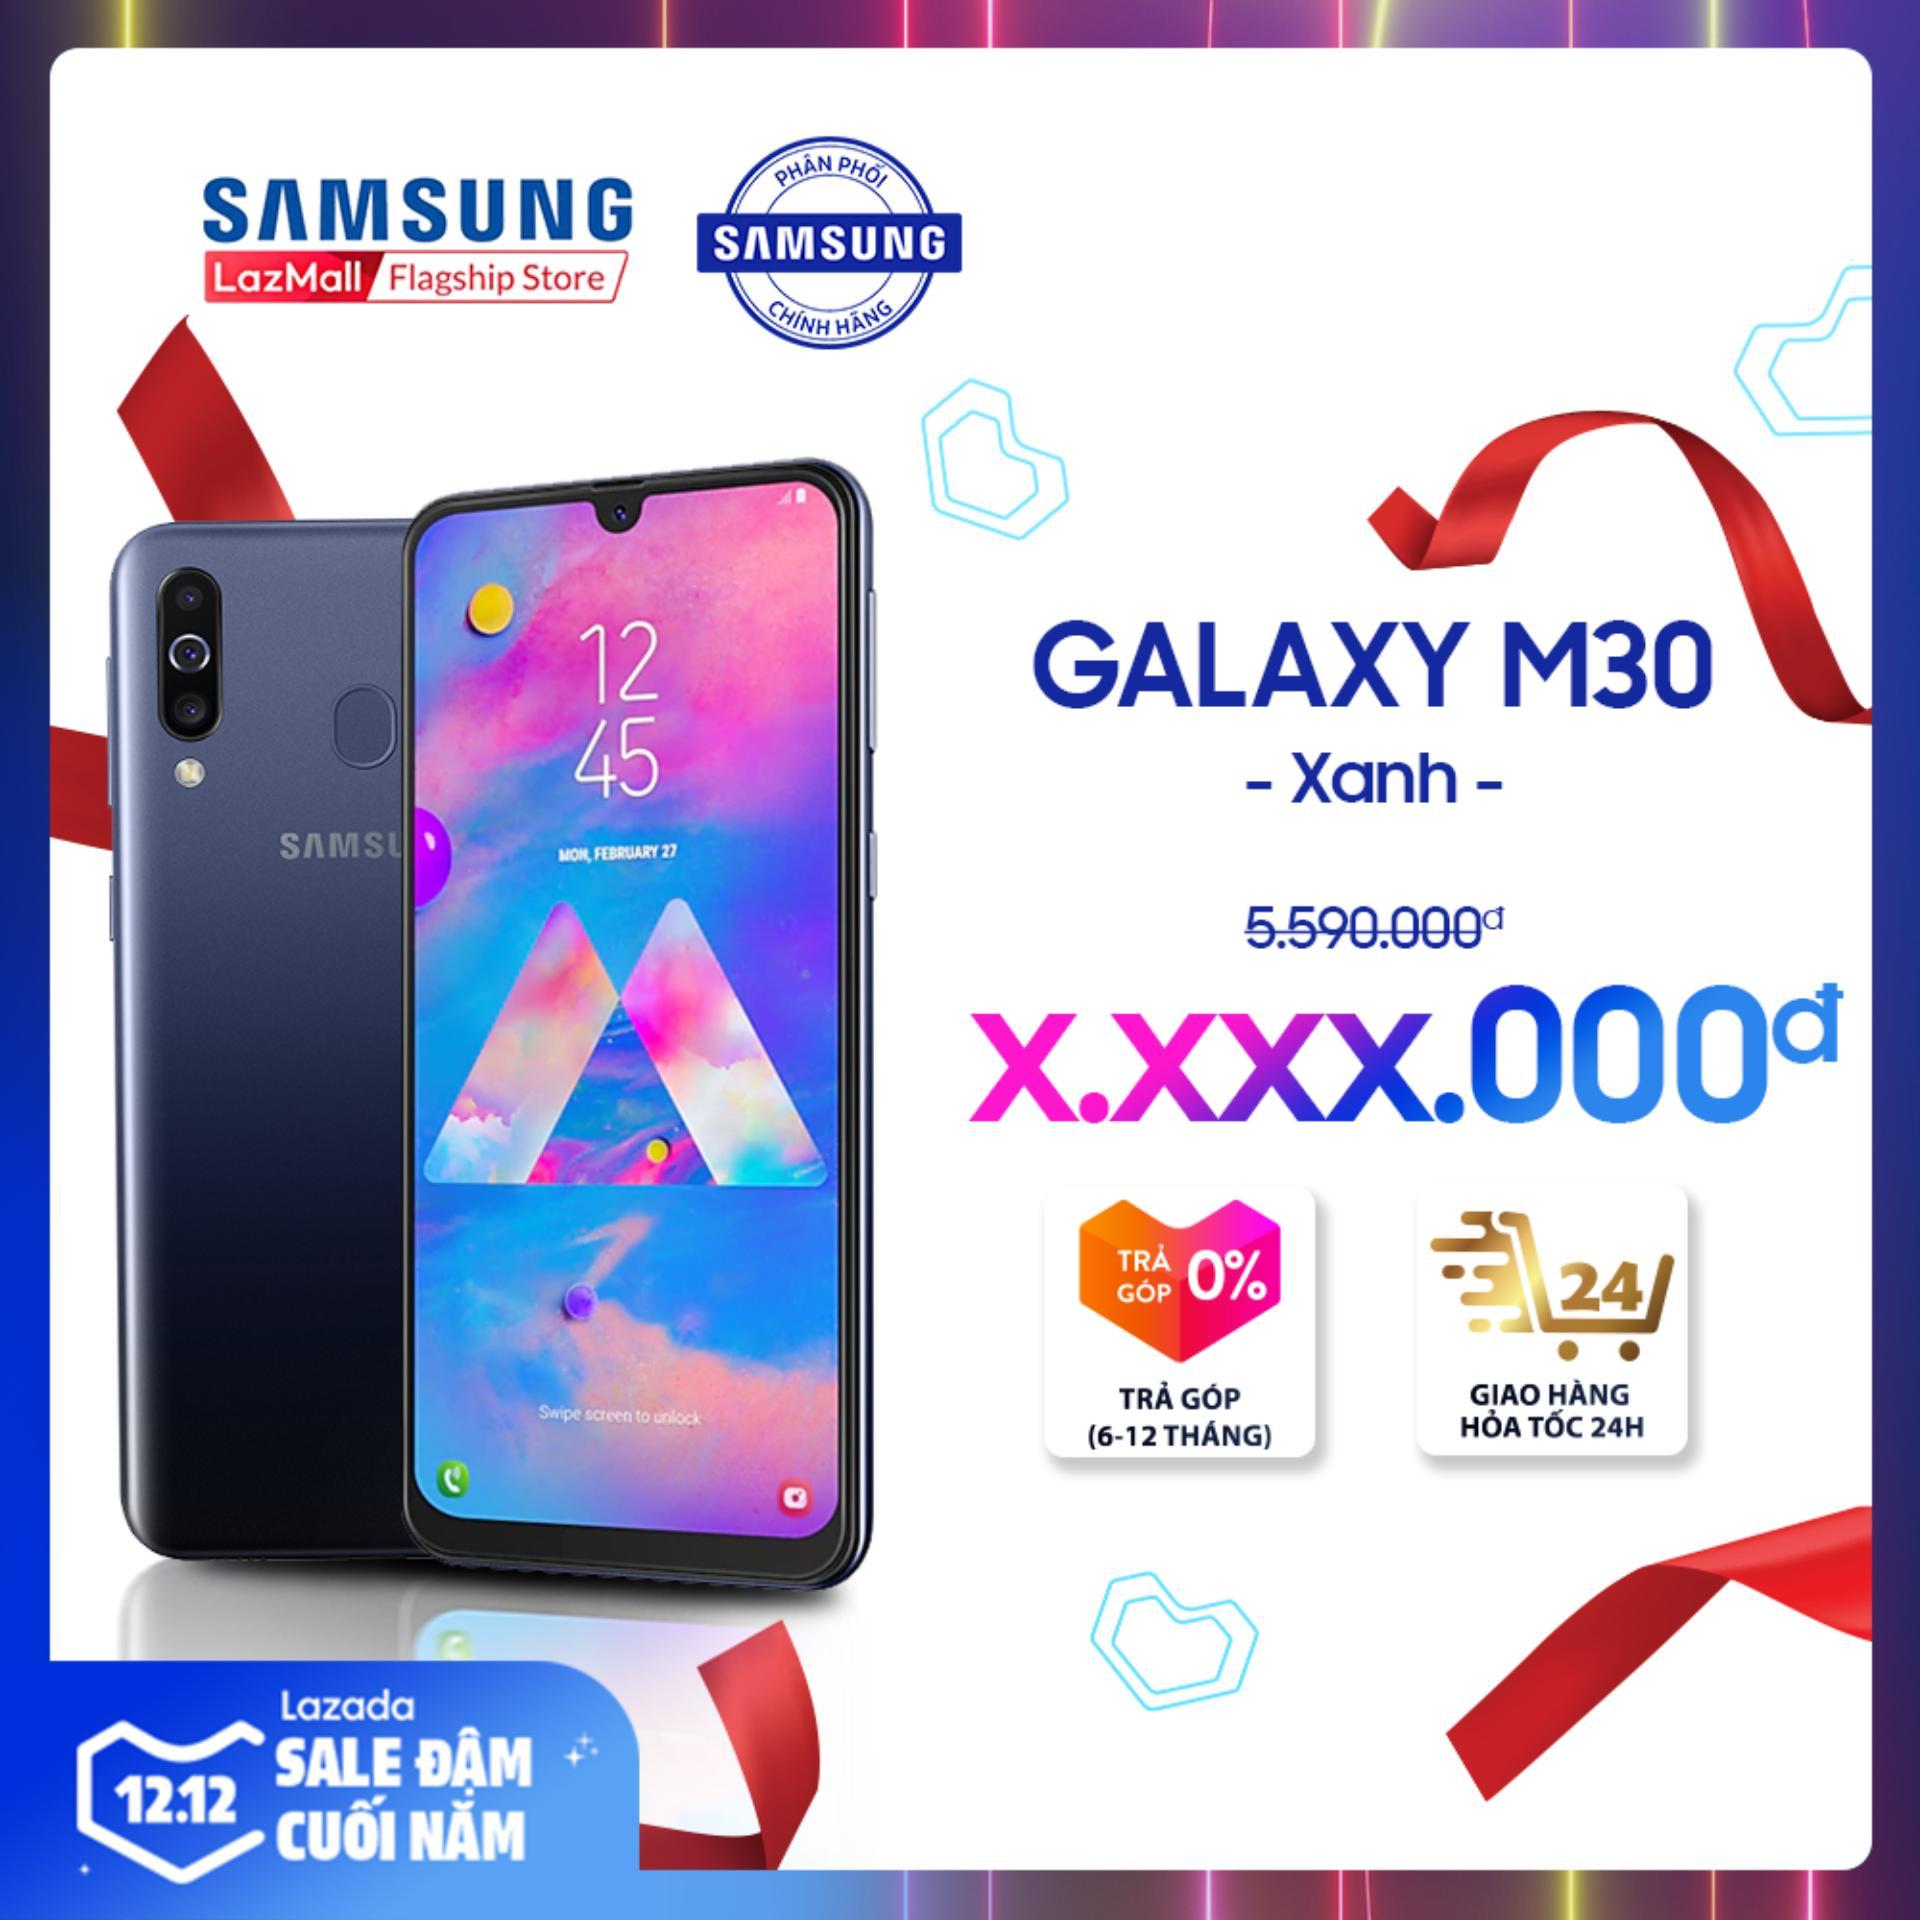 Voucher Ưu Đãi Điện Thoại Samsung Galaxy M30 64GB (4GB) - Màn Hình Tràn Viền Vô Cực 6.4   SUPER AMOLED Full HD + Cụm 3 Camera Sau + Siêu Pin 5000 MAh + 2 Nano Sim - Hàng Phân Phối Chính Hãng.